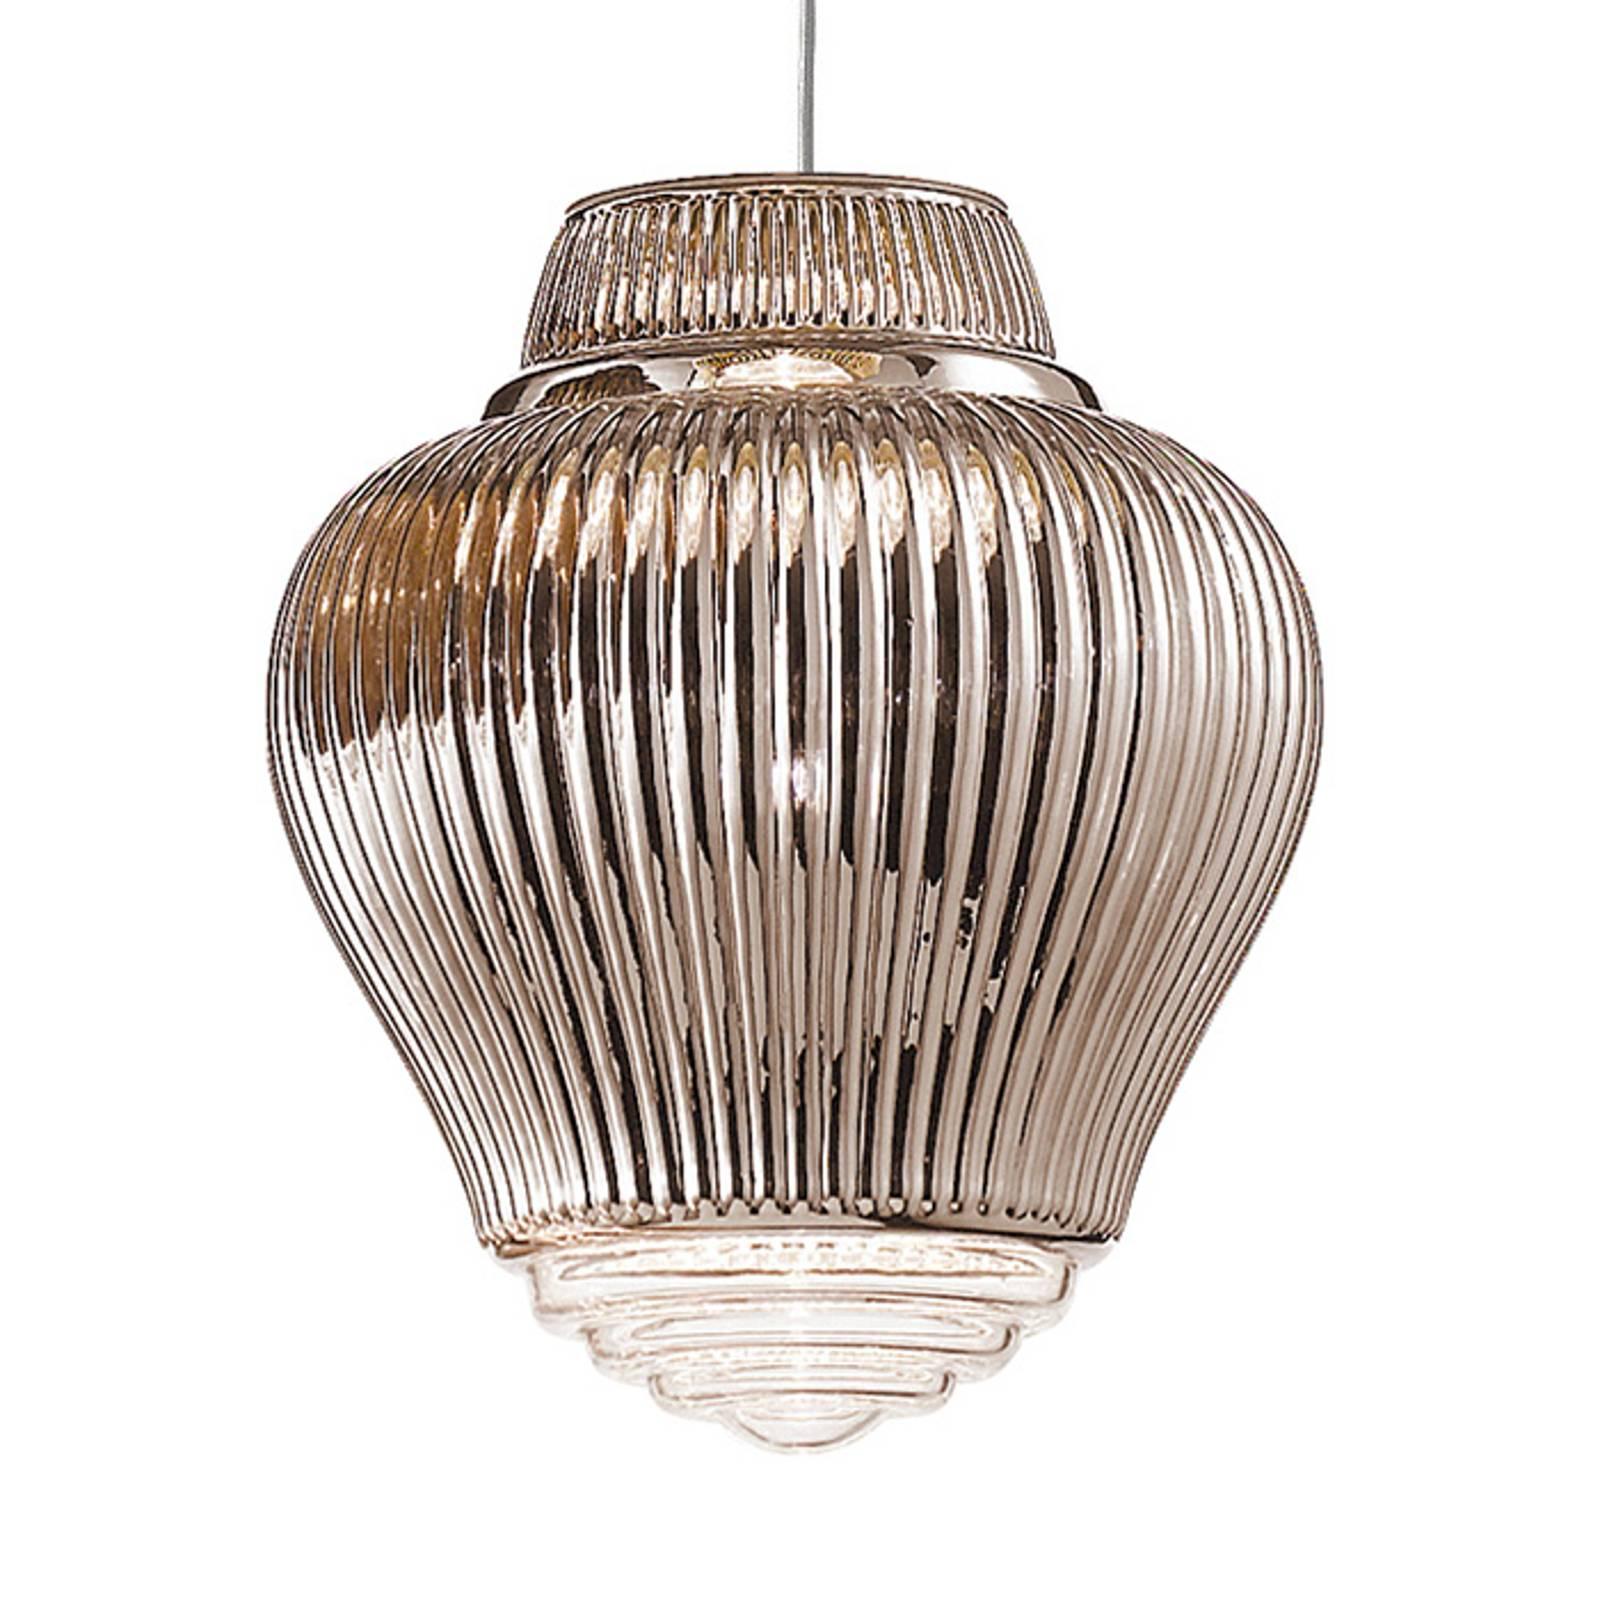 Hanglamp Clyde 130 cm roségoud metallic